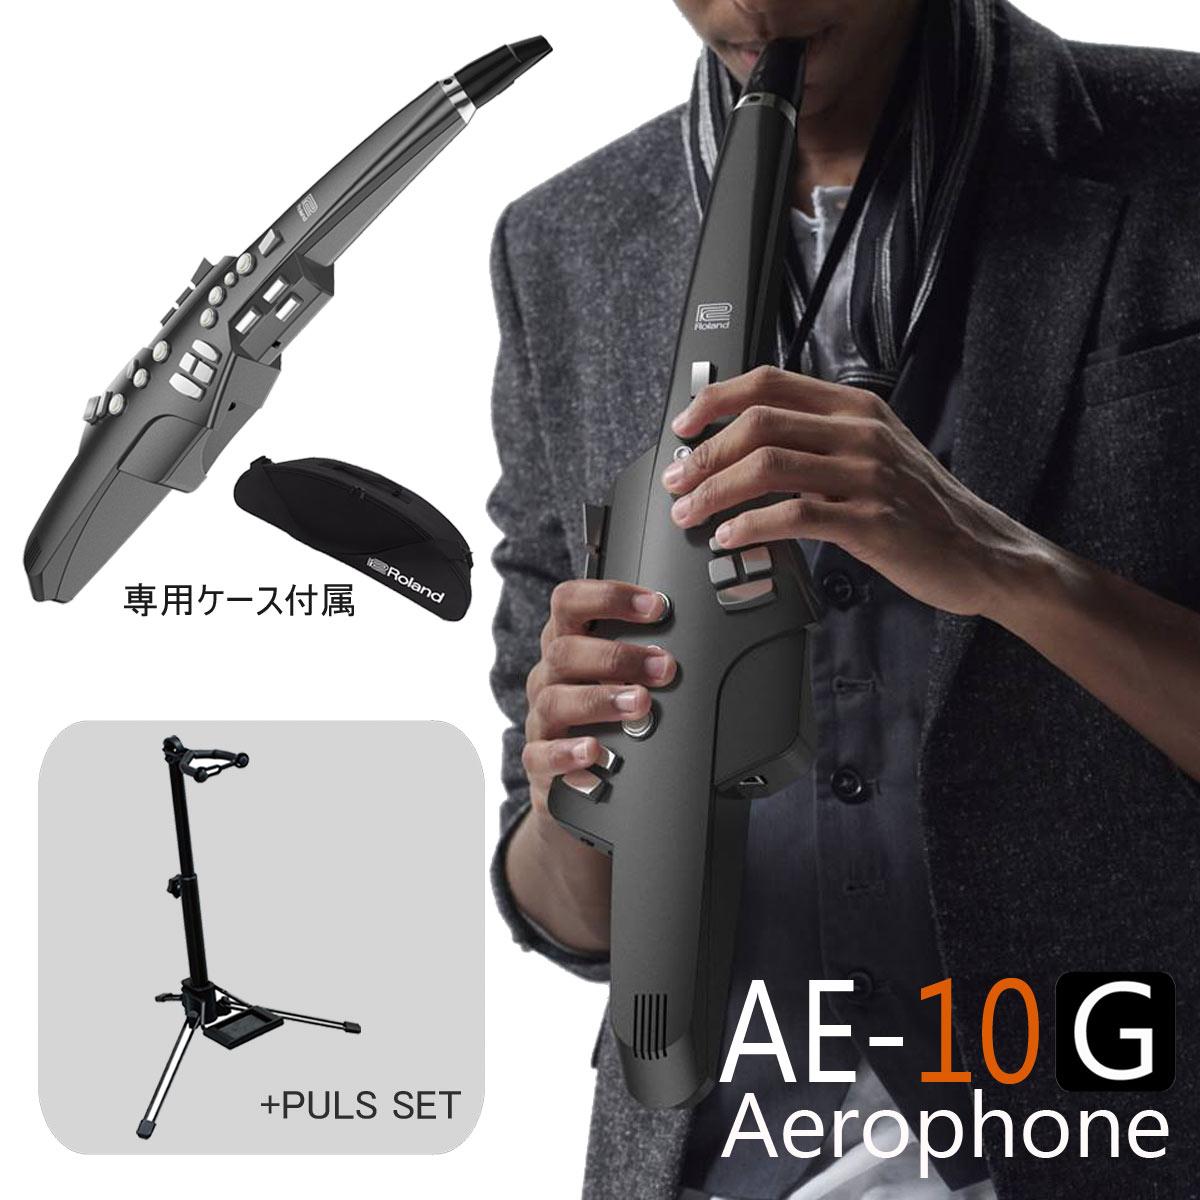 【在庫あり】Roland ローランド / Aerophone AE-10G エアロフォン グラファイトブラック デジタル管楽器 【折りたたみ式スタンドセット】【送料無料】【YRK】